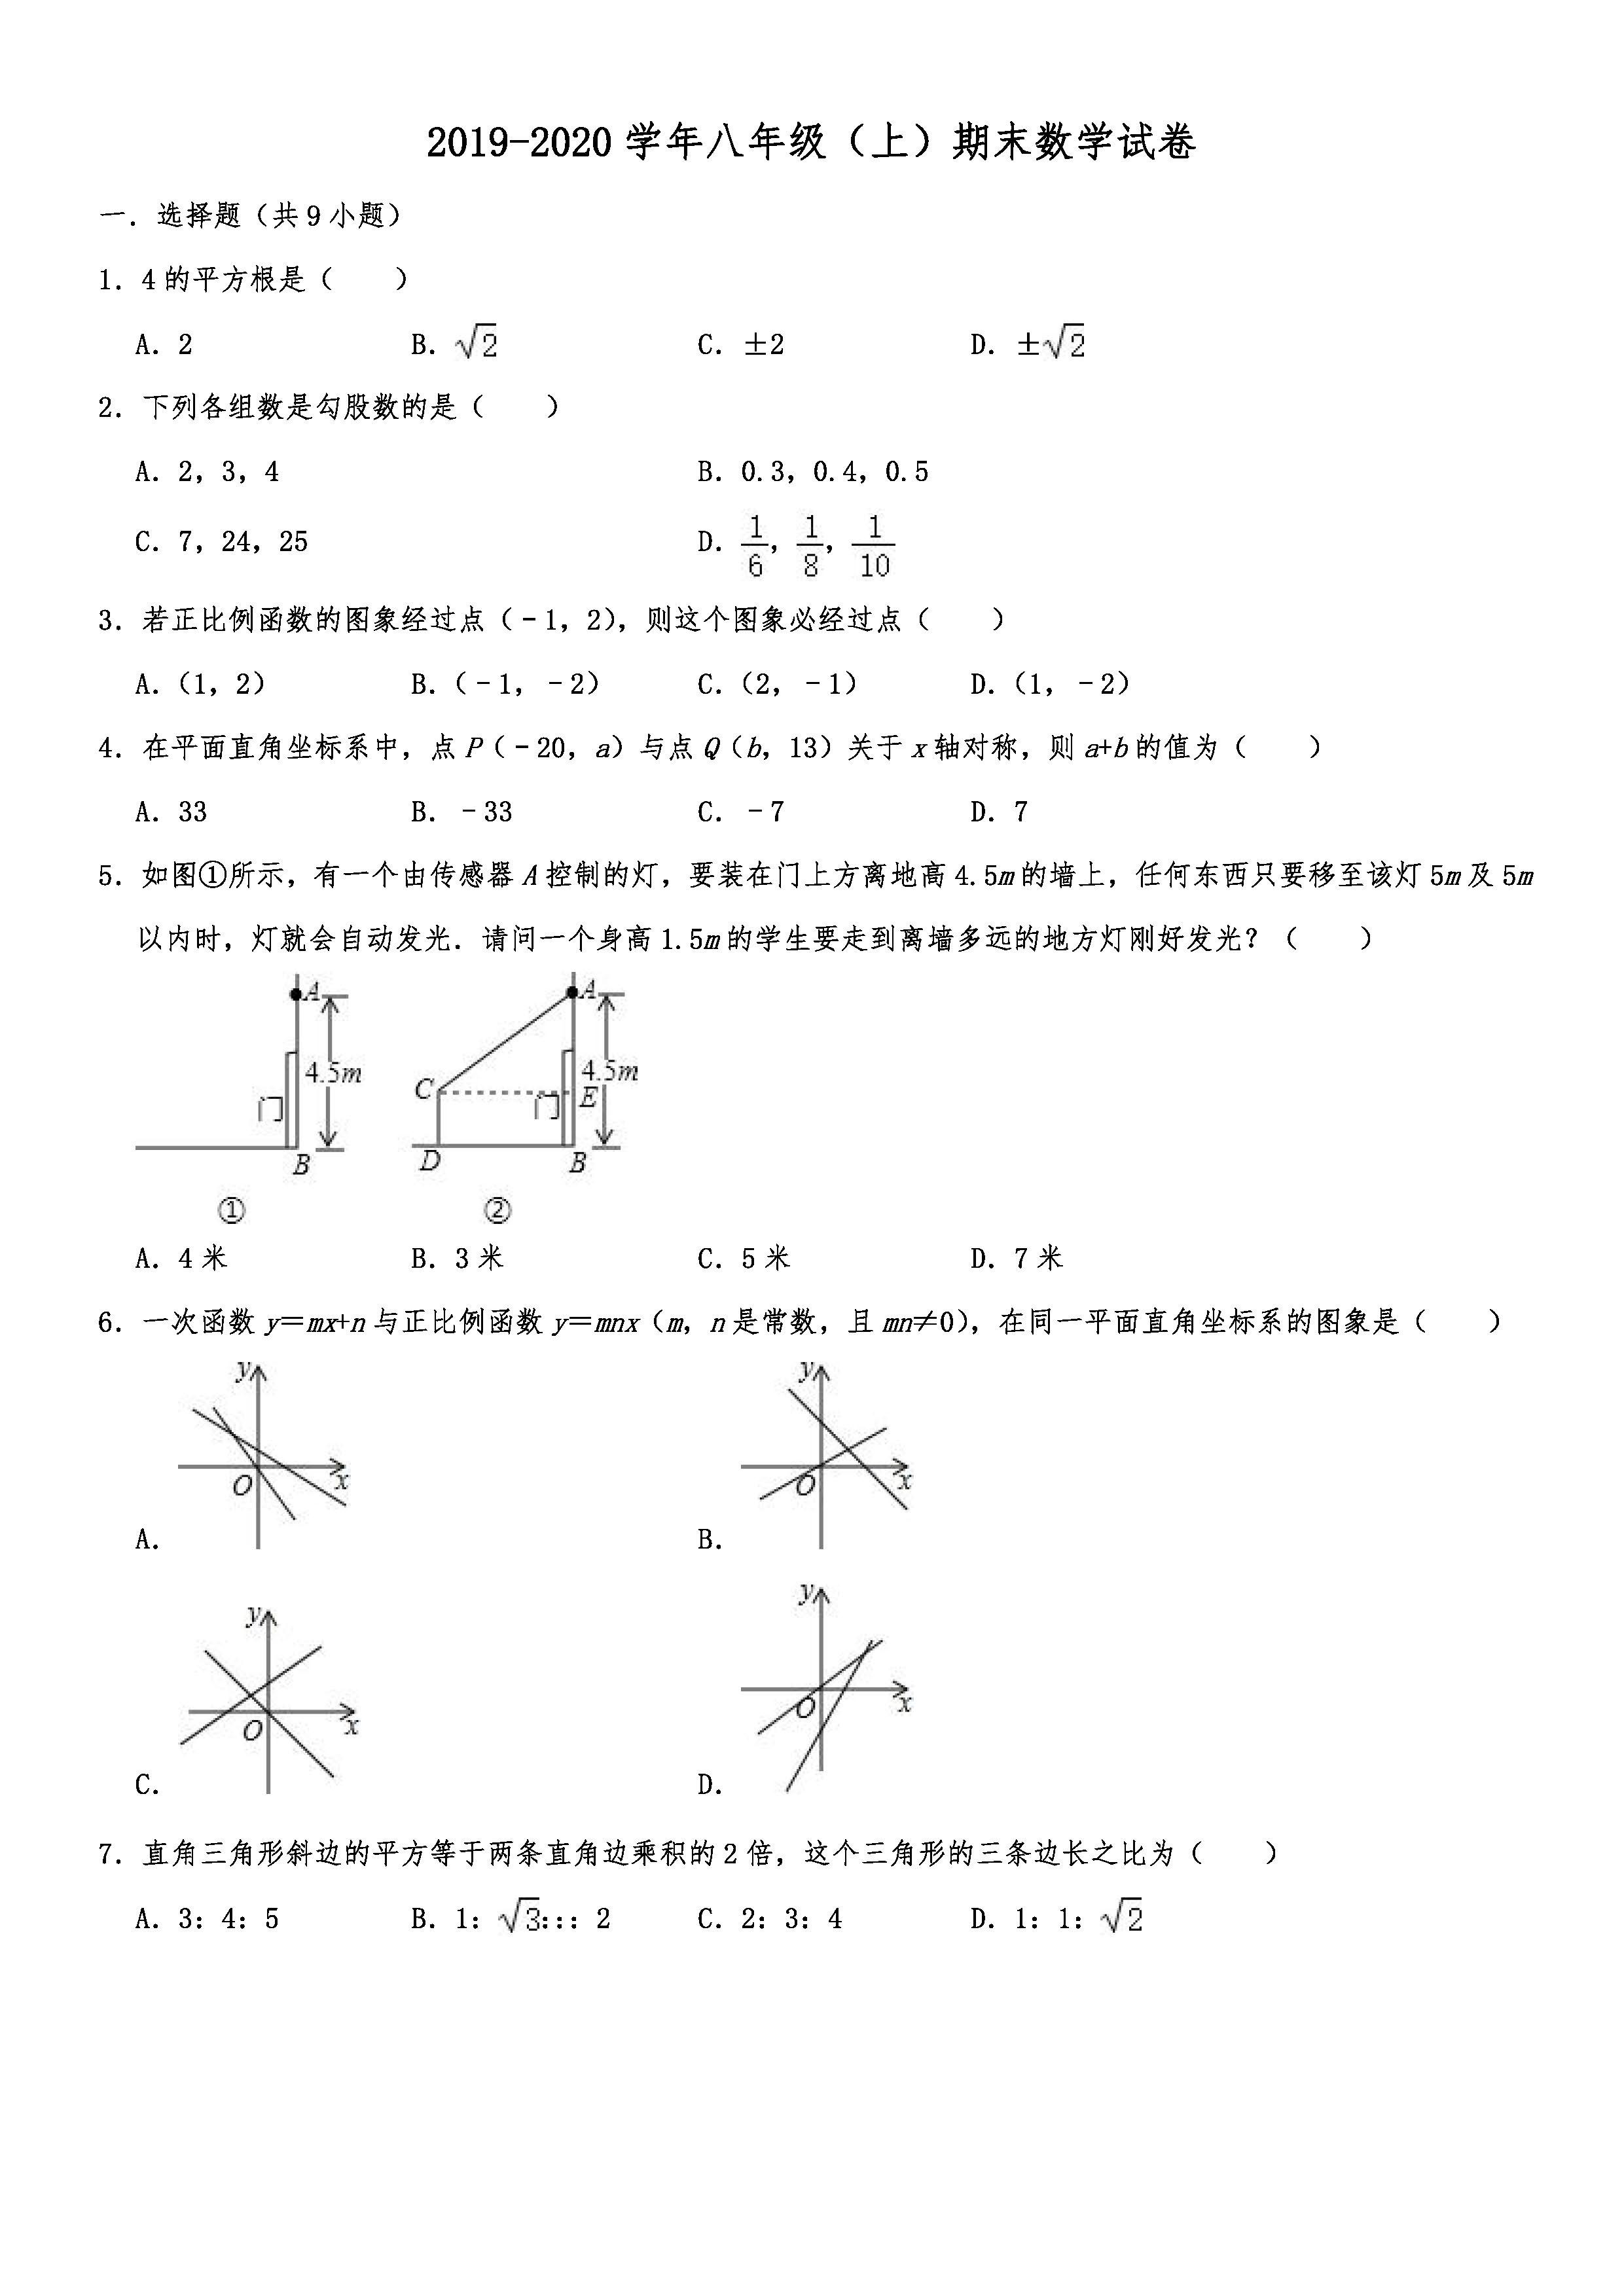 2019-2020陕西西安初二数学上册期末试题(解析版)